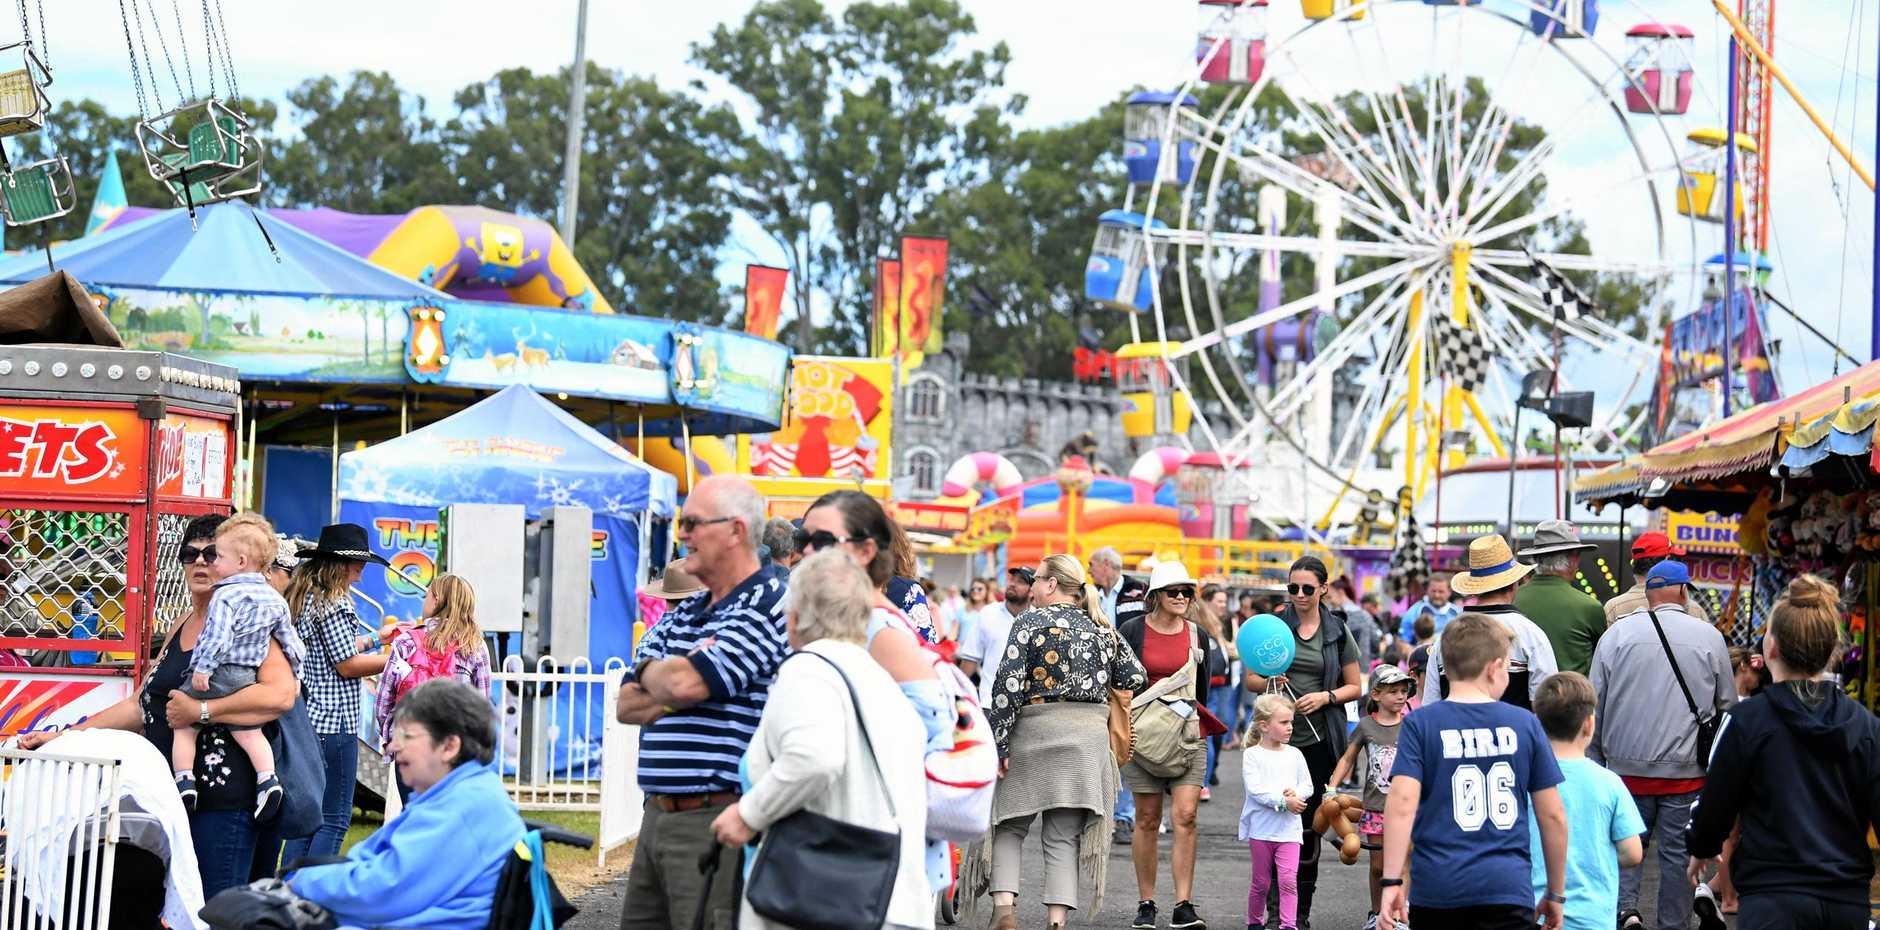 Festival sneak peek to appear at Gympie Show.